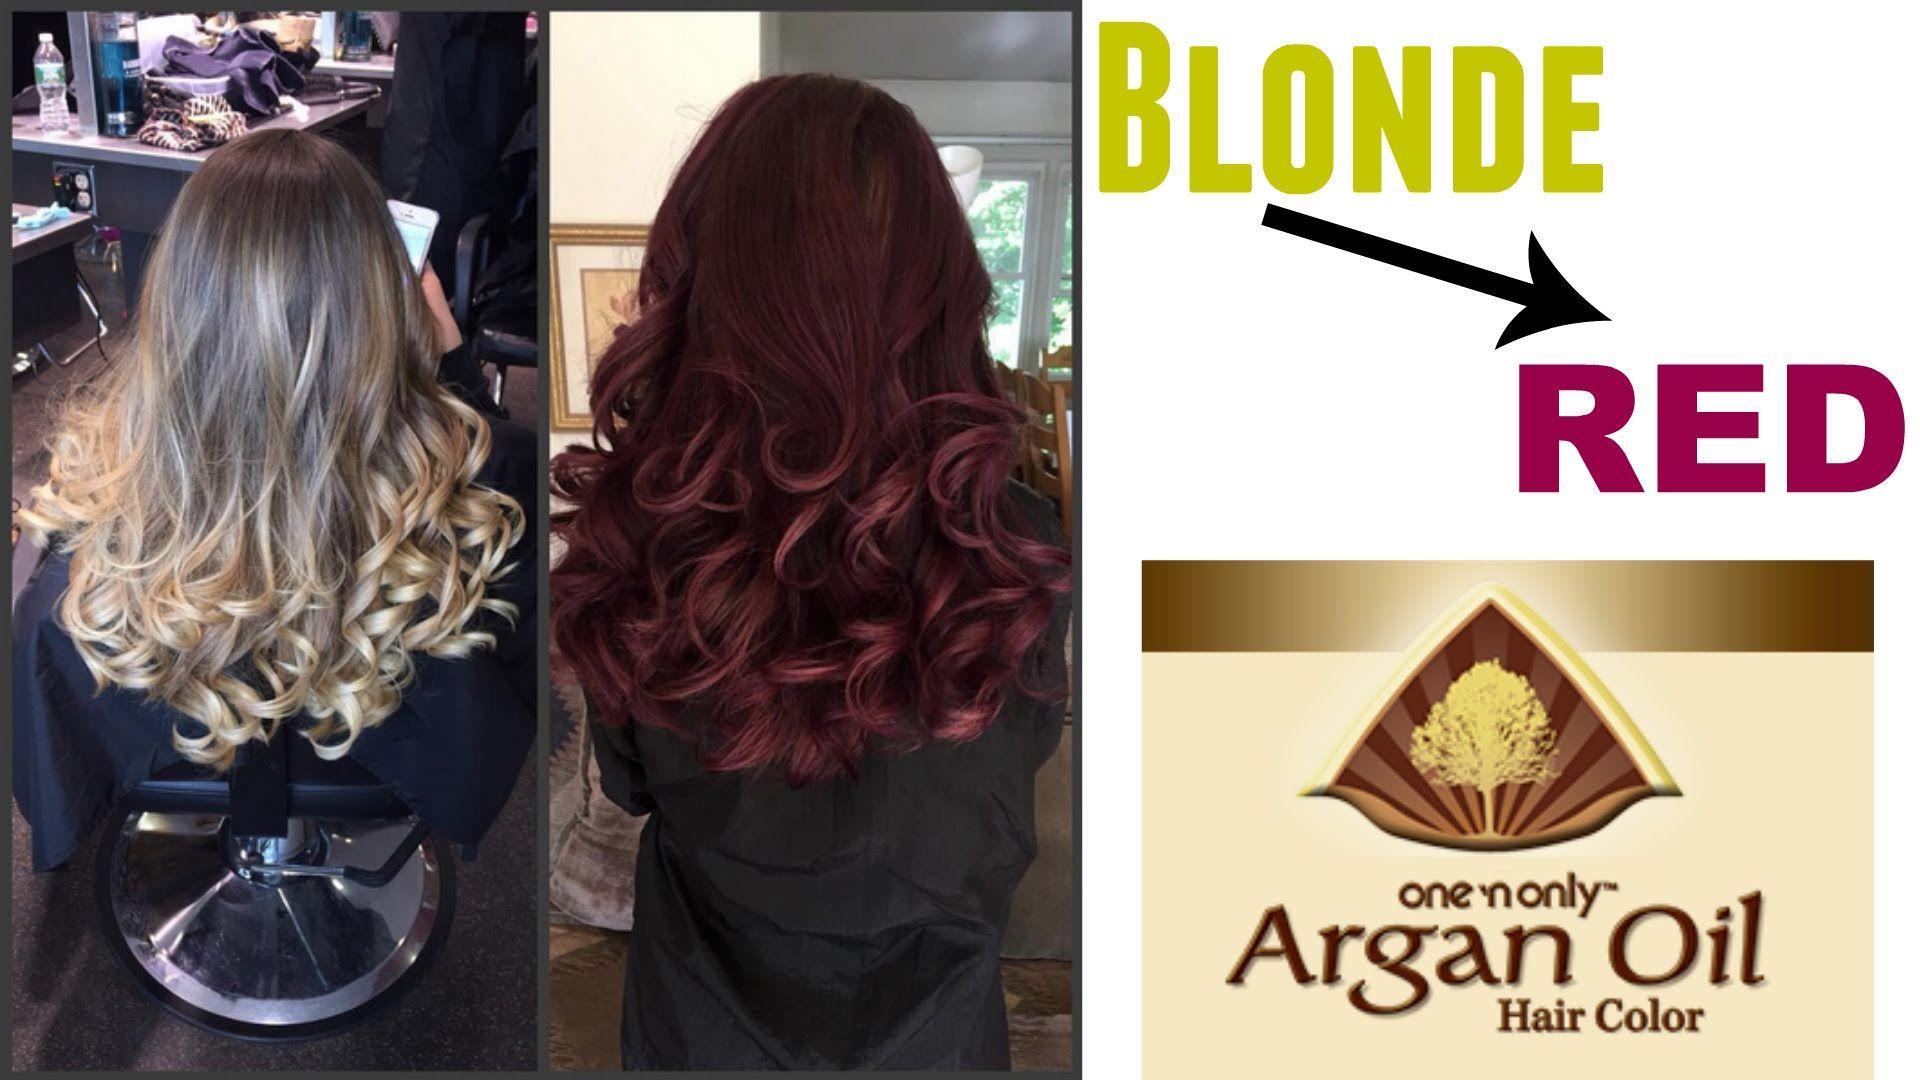 Blonde Dark Red Violet Brown 3rv One N Only Argan Oil Hair Color Argan Oil Hair Color Hair Inspiration Color Argan Oil Hair